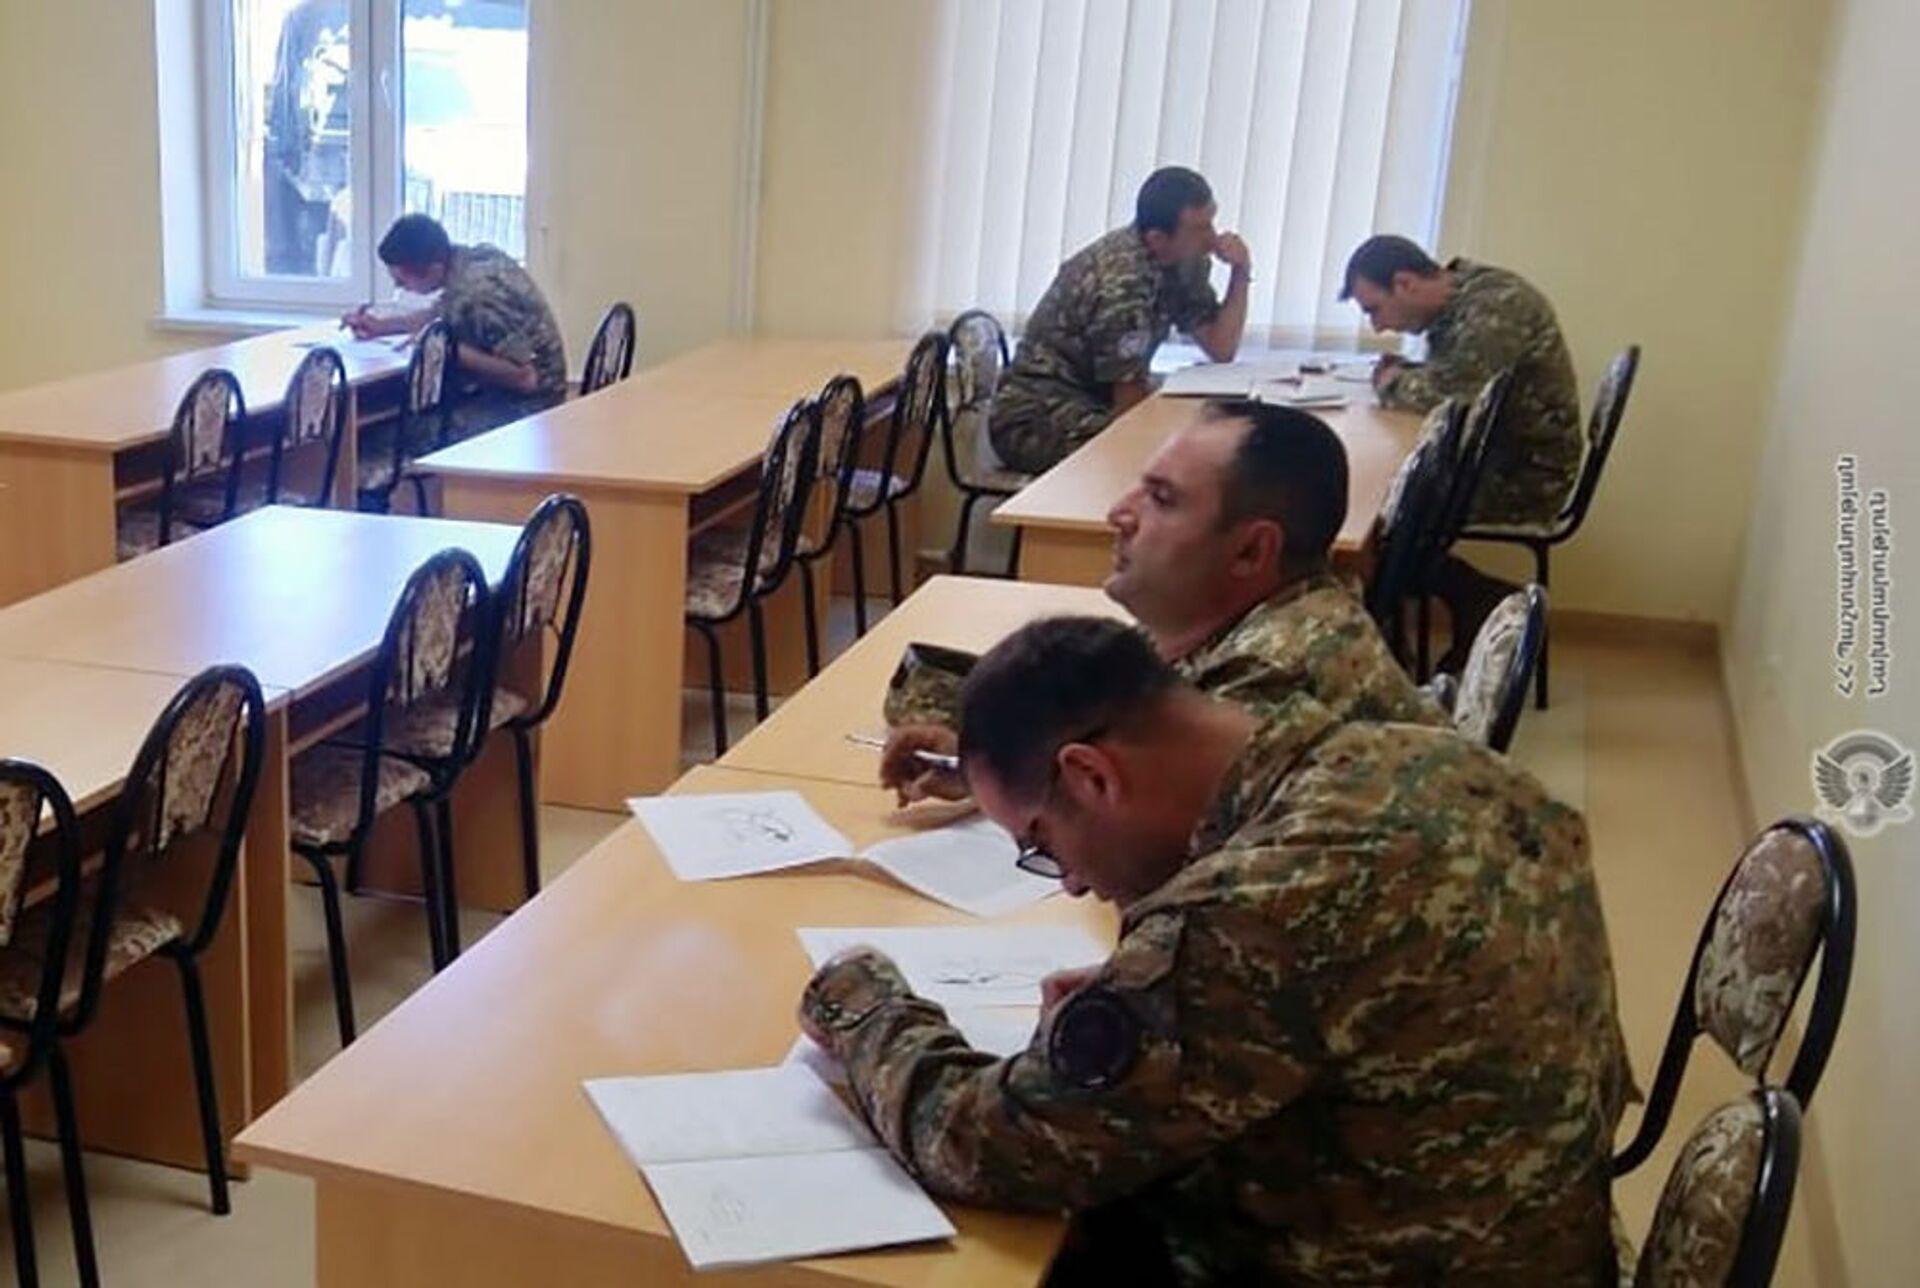 Военнослужащие миротворческой бригады Минобороны проходят курс Руководство младшими командирами, который проводит британская военно-консультативная группа подготовки в учебном центре ZAR - Sputnik Արմենիա, 1920, 14.09.2021